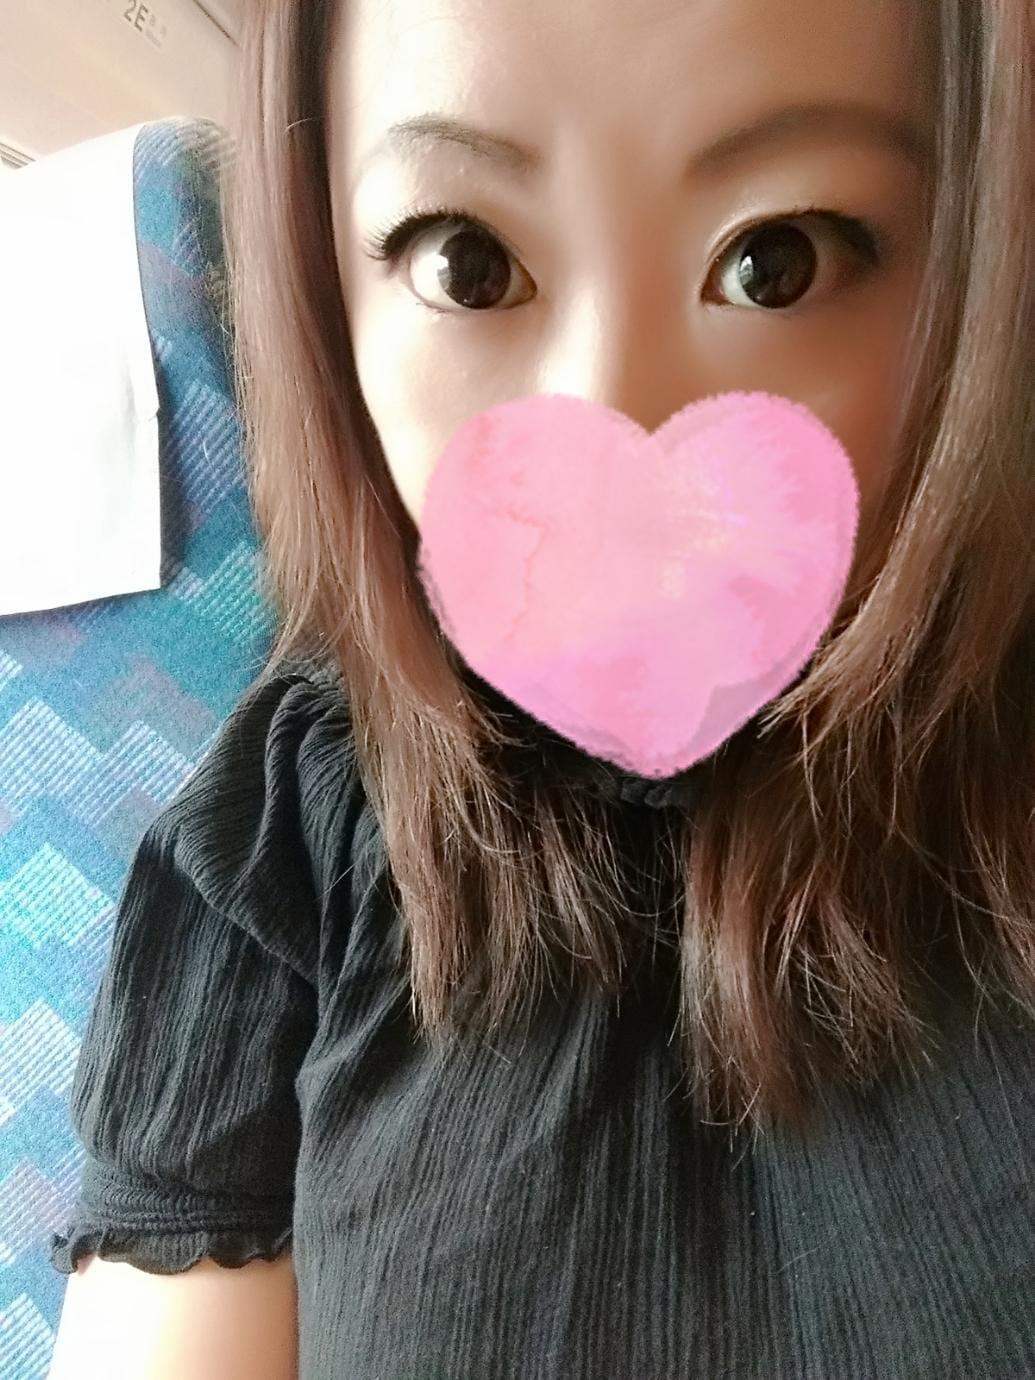 「おはようございます☆」09/17(09/17) 12:55 | ゆなの写メ・風俗動画